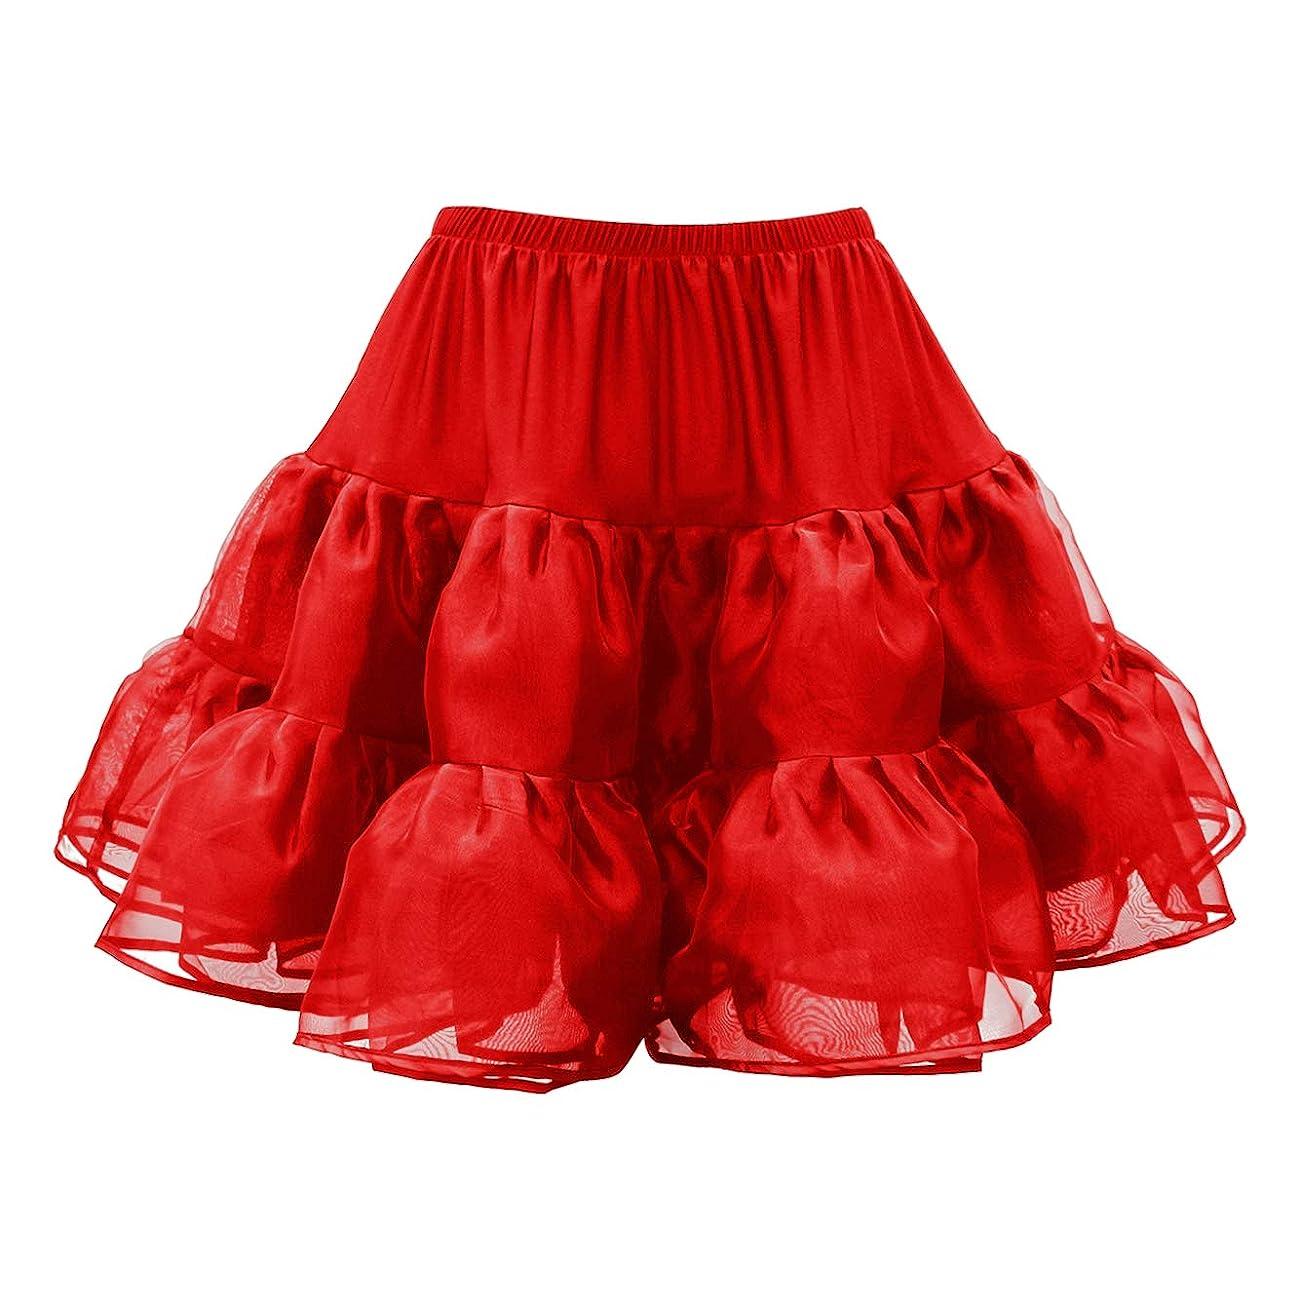 BlackButterfly Kids Organza Petticoat Skirt